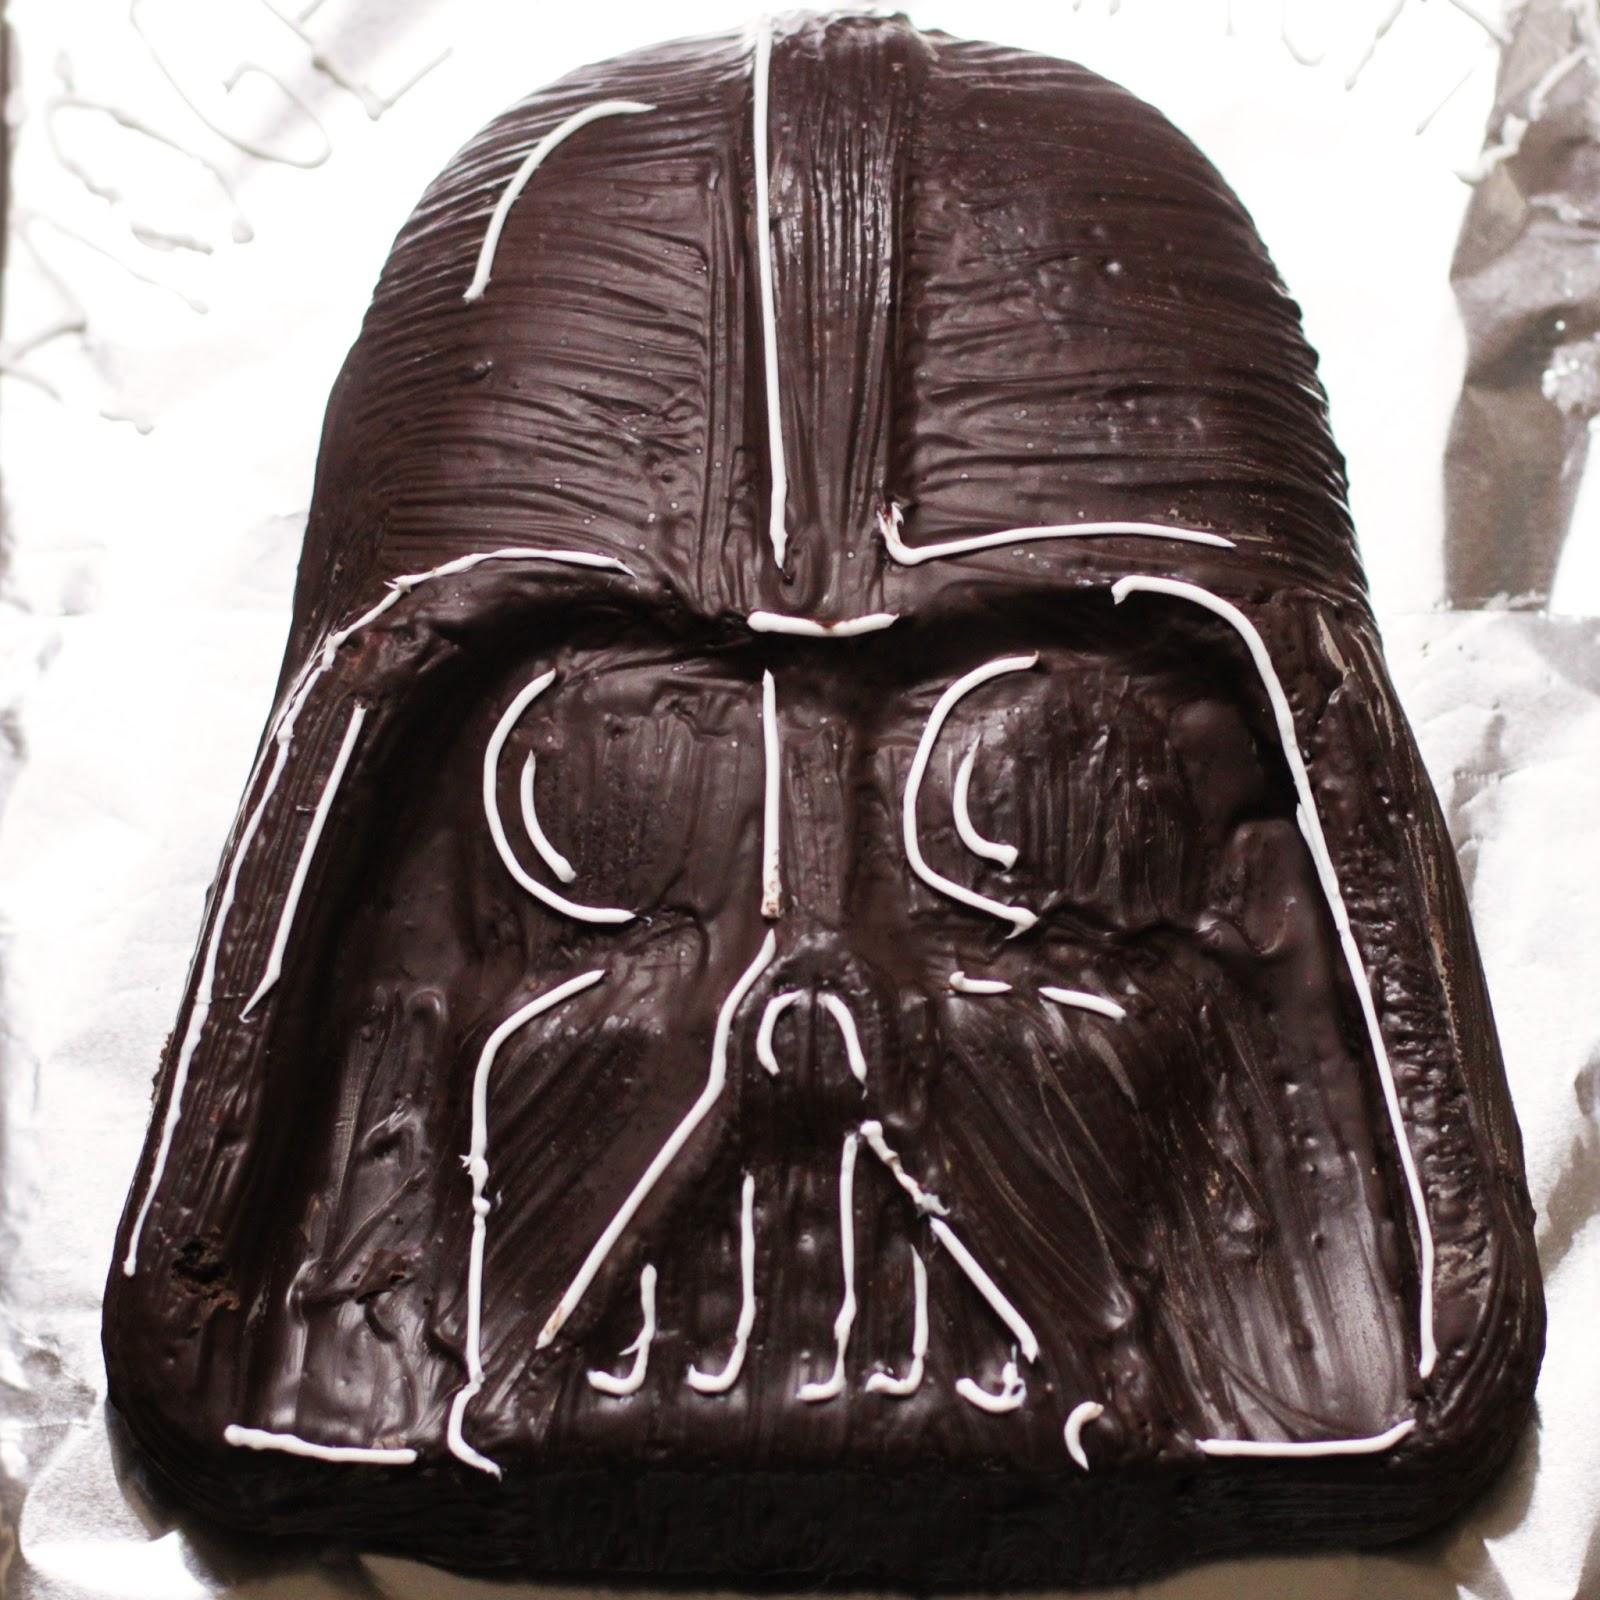 Ideen für Star Wars Kuchen/Torte - Forum - GLAMOUR